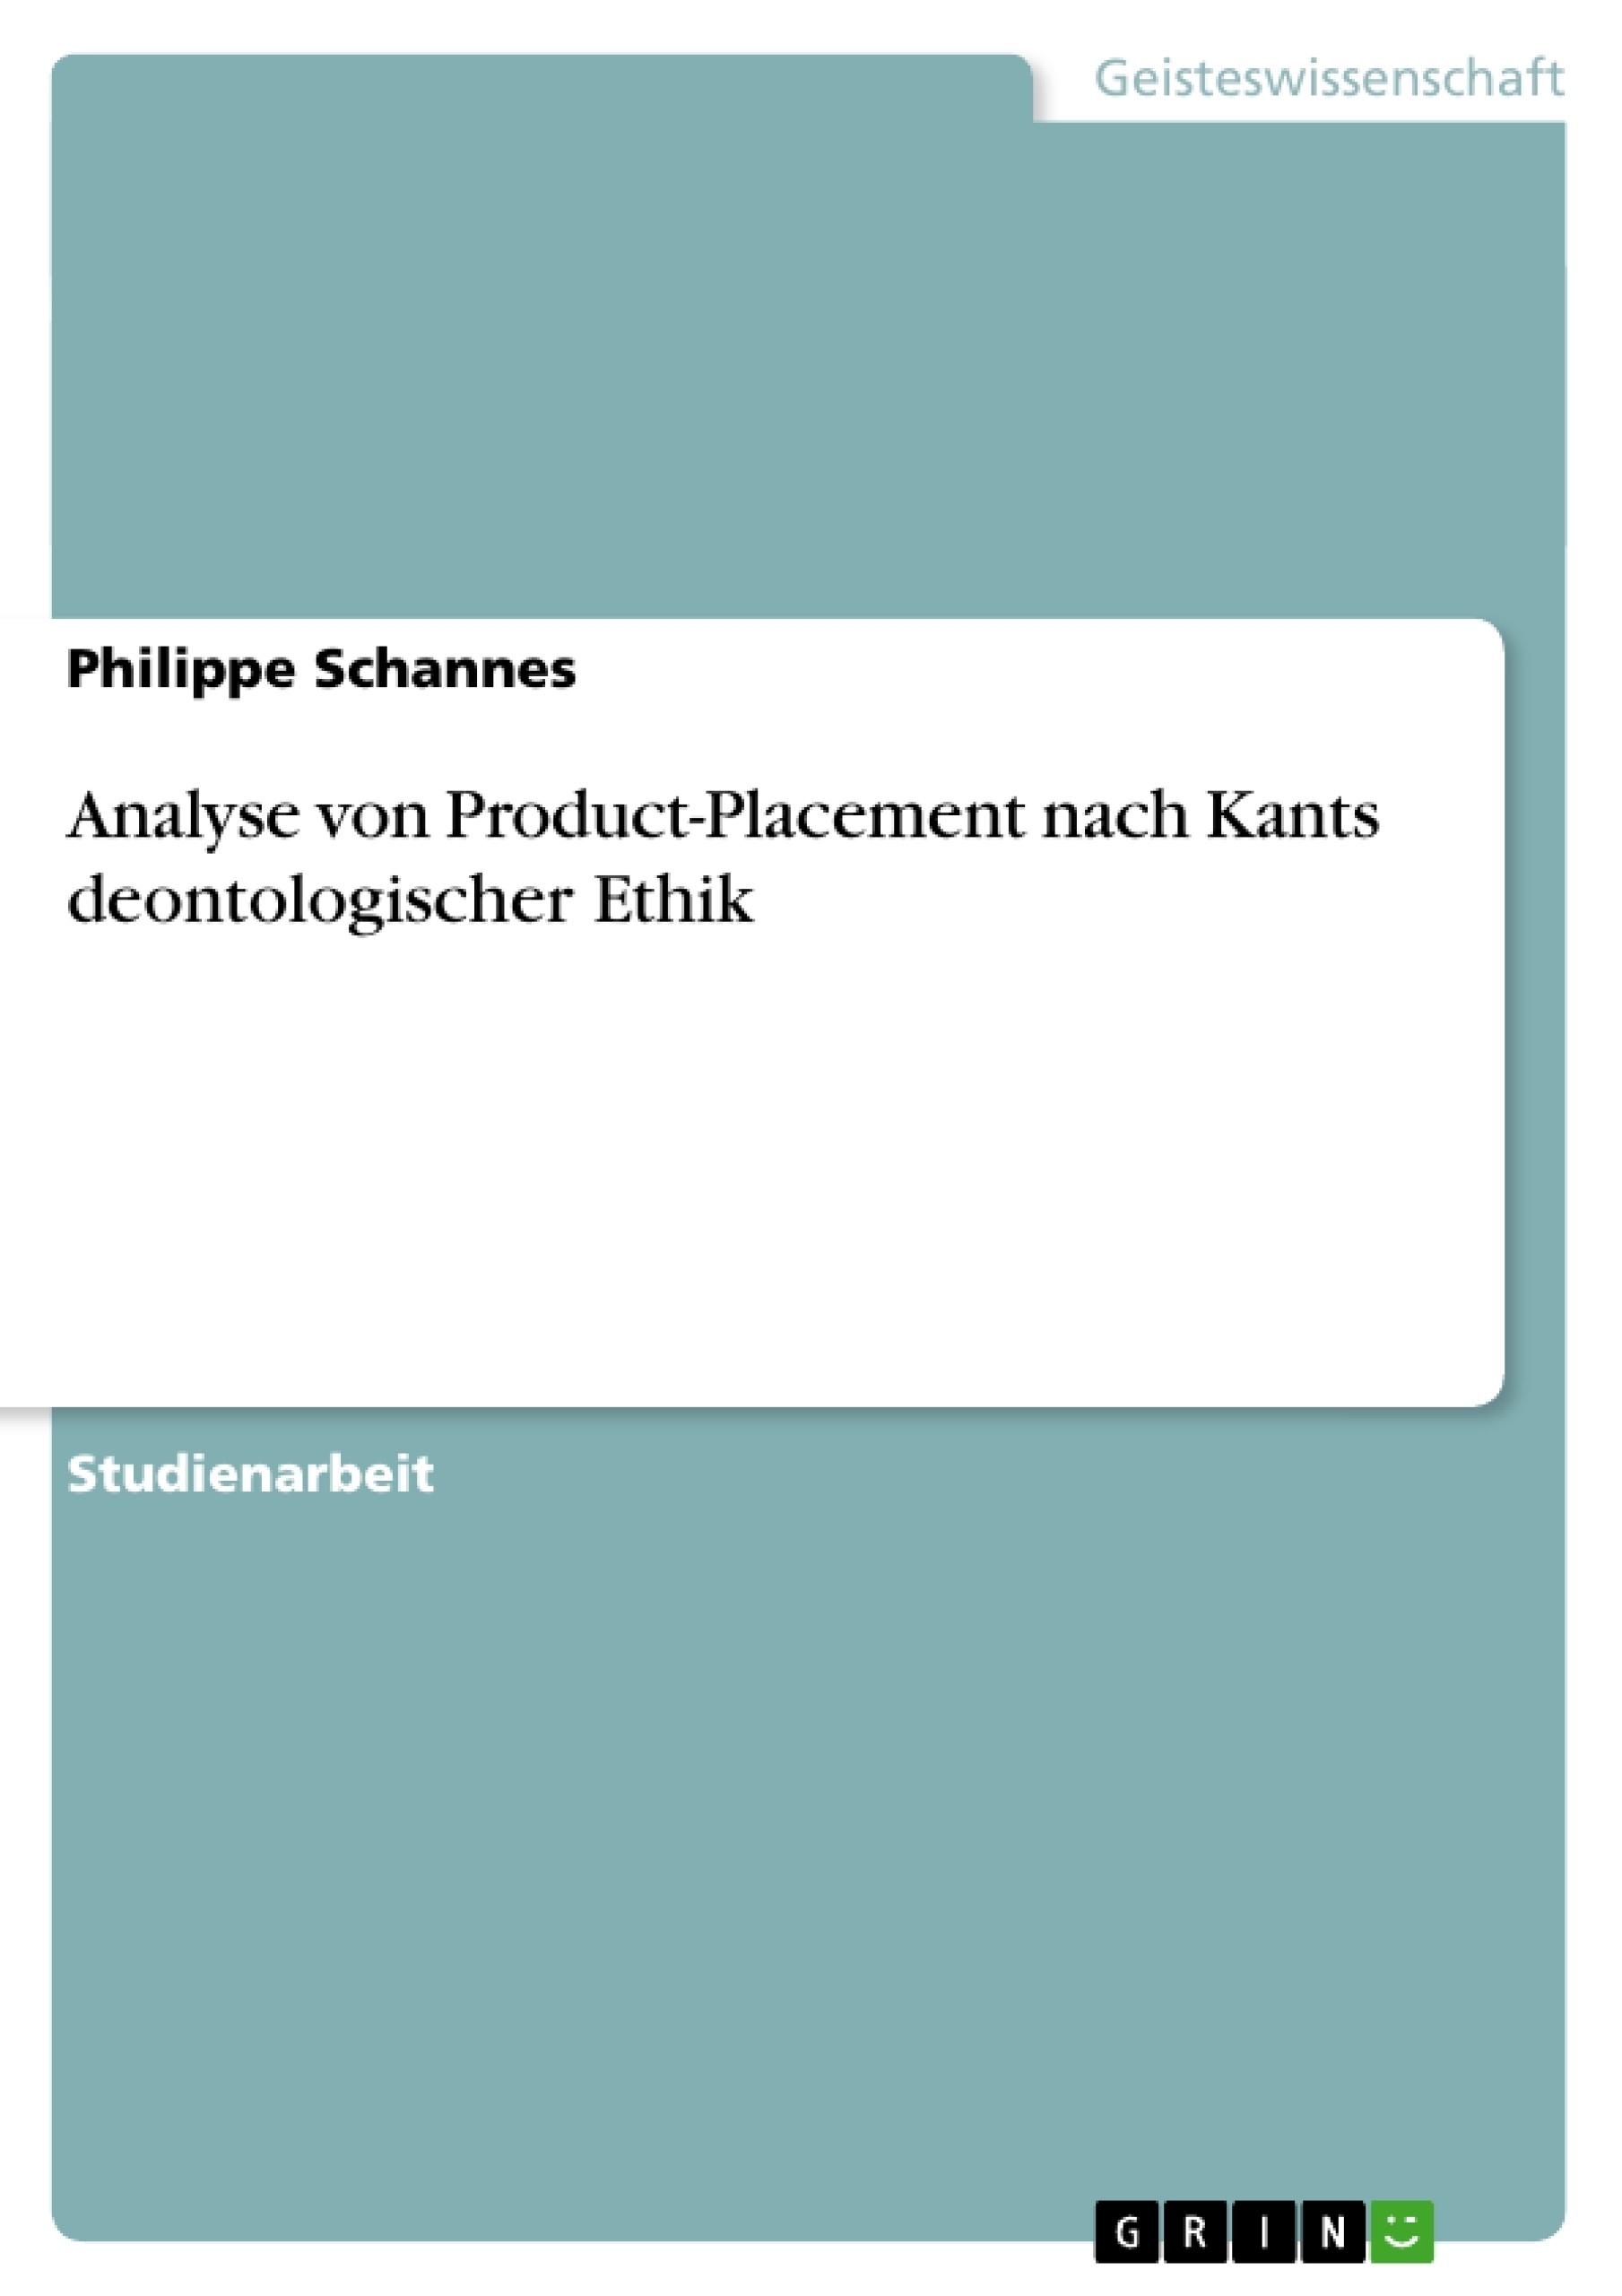 Titel: Analyse von Product-Placement nach Kants deontologischer Ethik